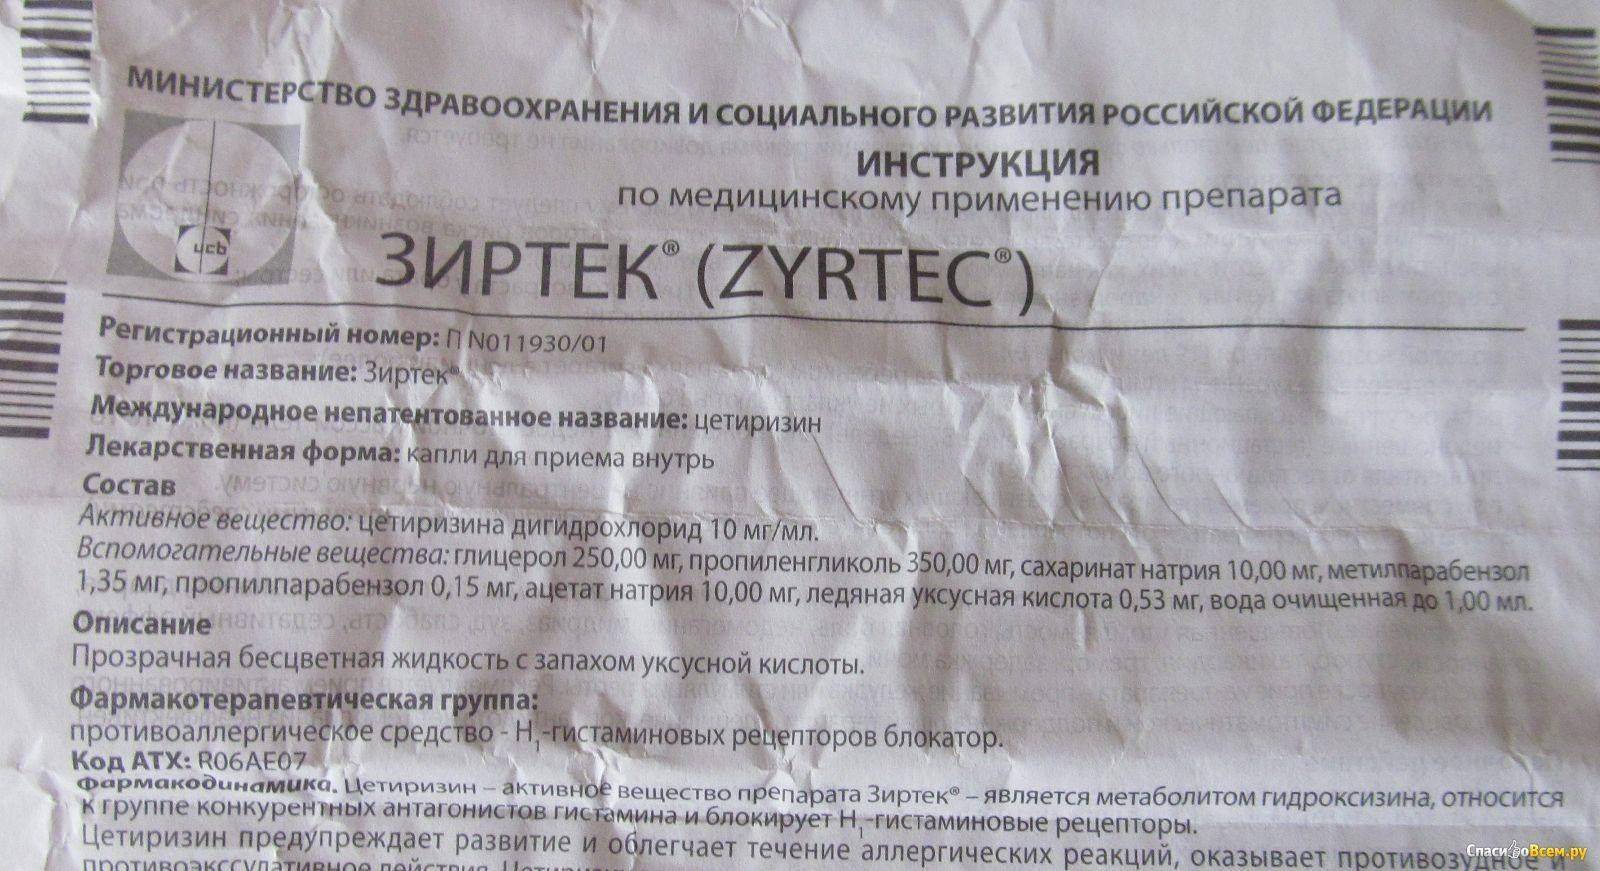 Таблетки и капли зиртек: инструкция по применению, цена, отзывы для детей, аналоги - medside.ru